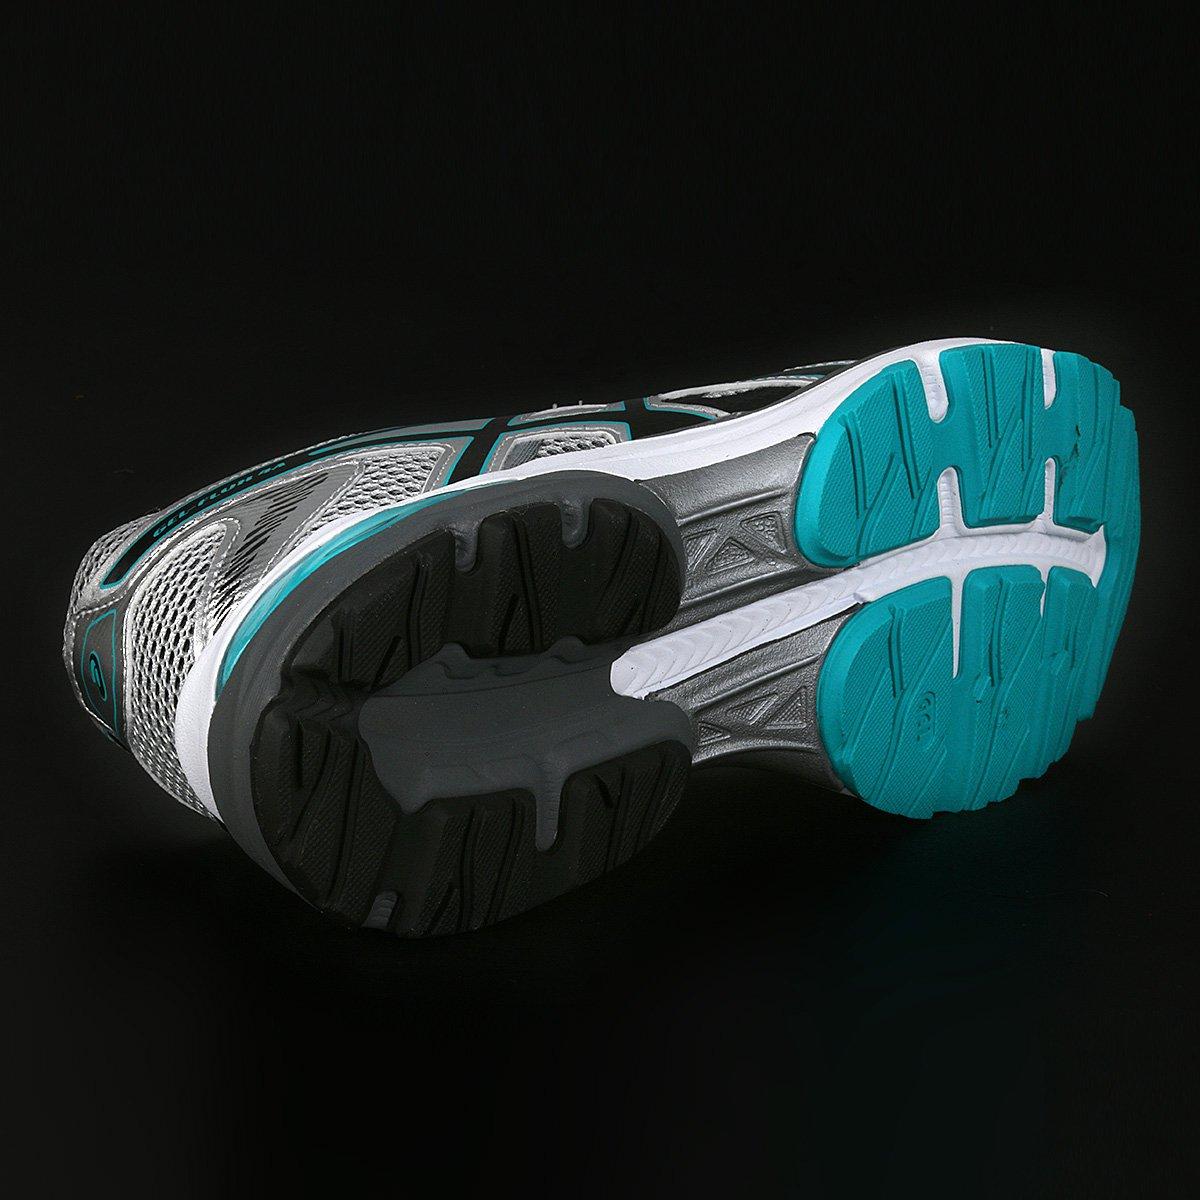 Tênis Asics Gel Flux 4 A Masculino - Cinza e Verde Água - Compre ... 183a0e55639c3